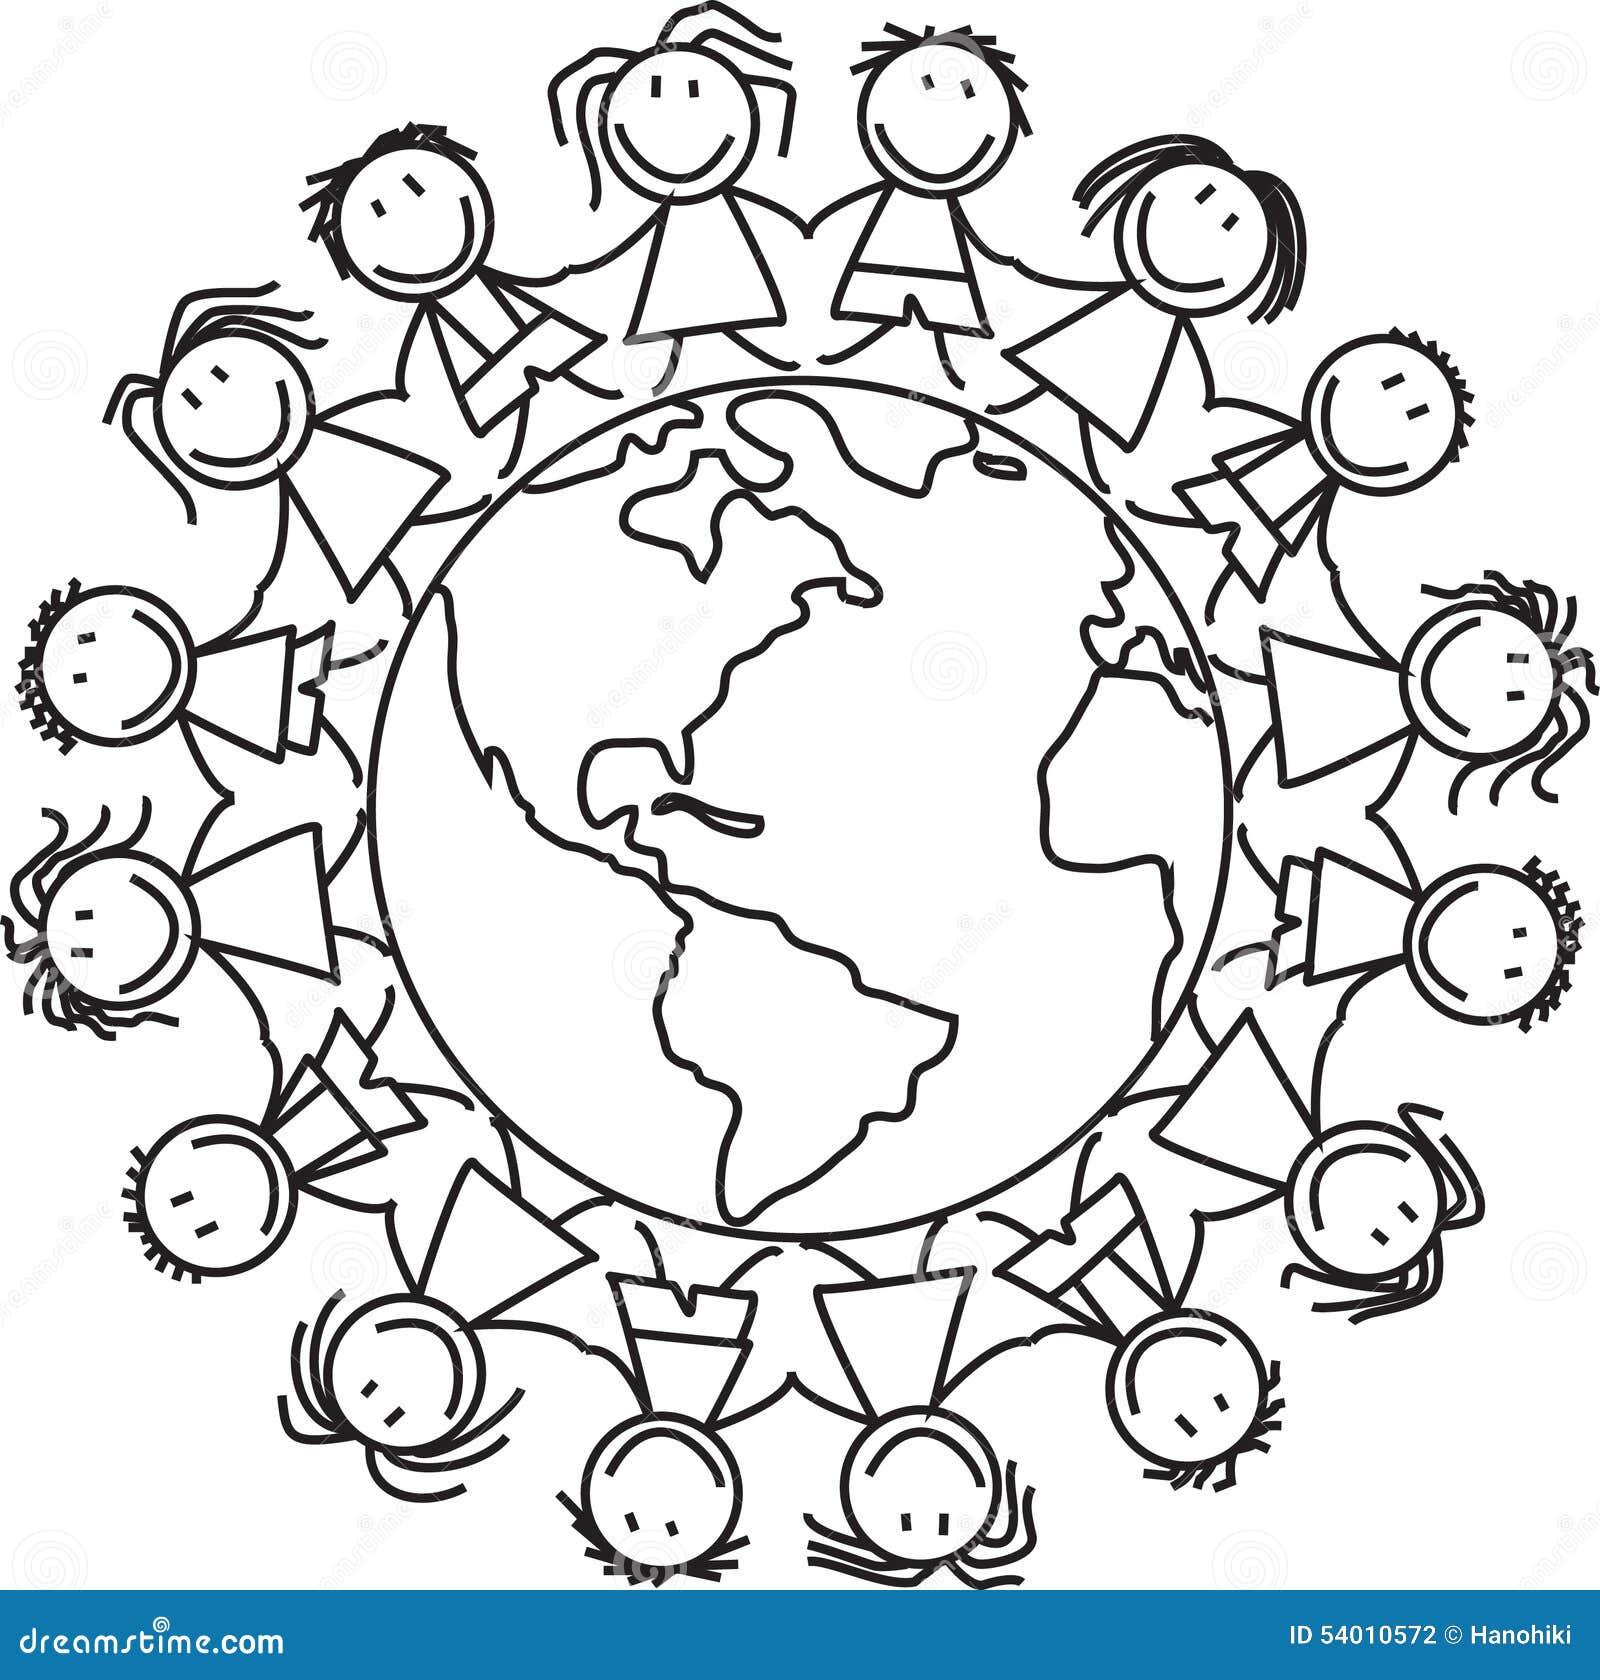 Kids World - Children On Globe Stock Illustration - Image: 54010572